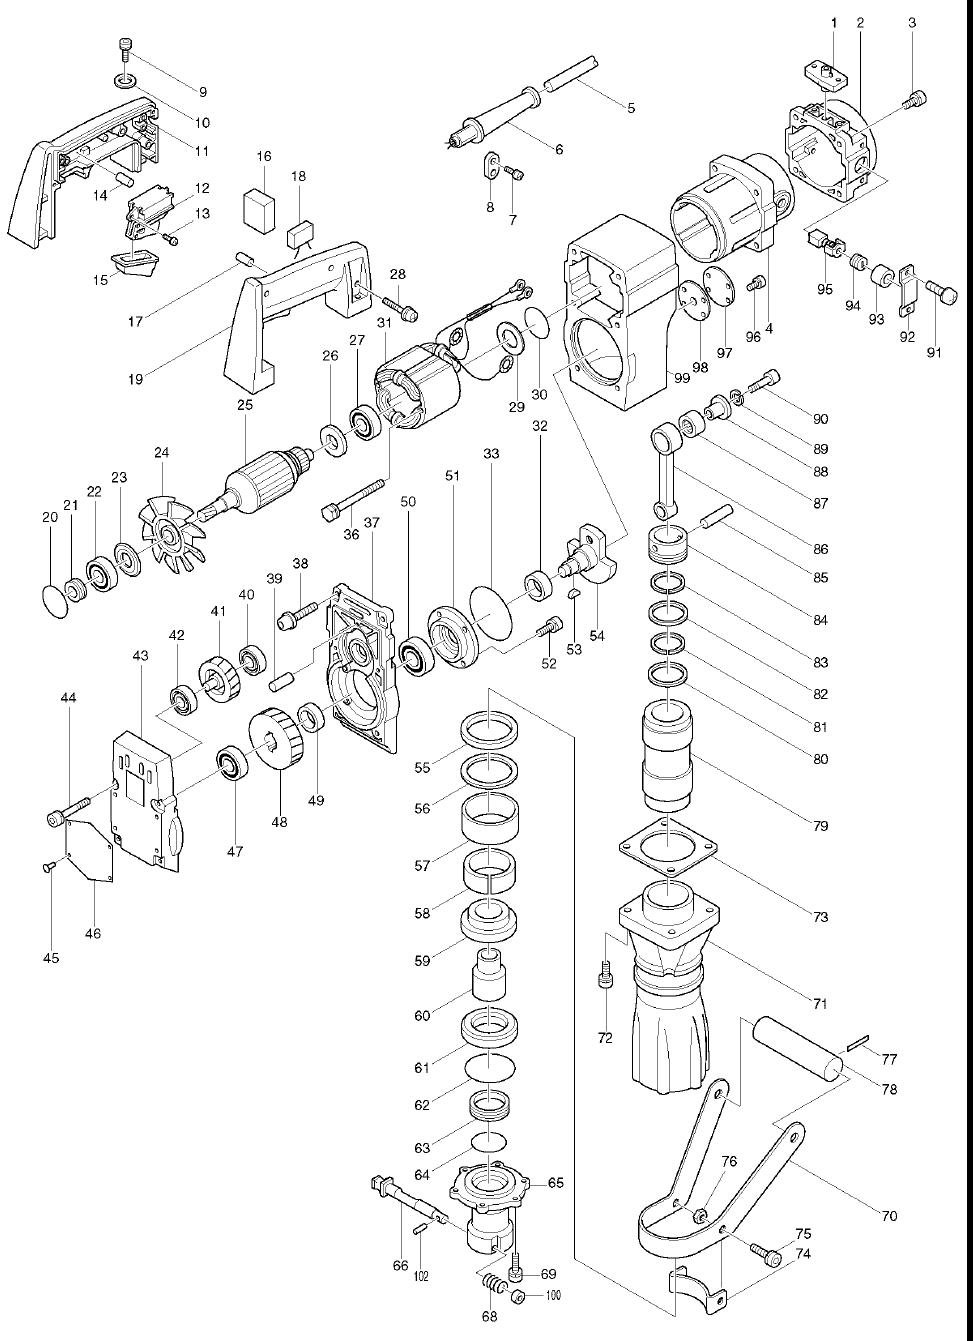 Makita Hm Wiring Diagram on makita hammer grease, makita hm1500b, makita jack hammer, makita demo hammer parts,